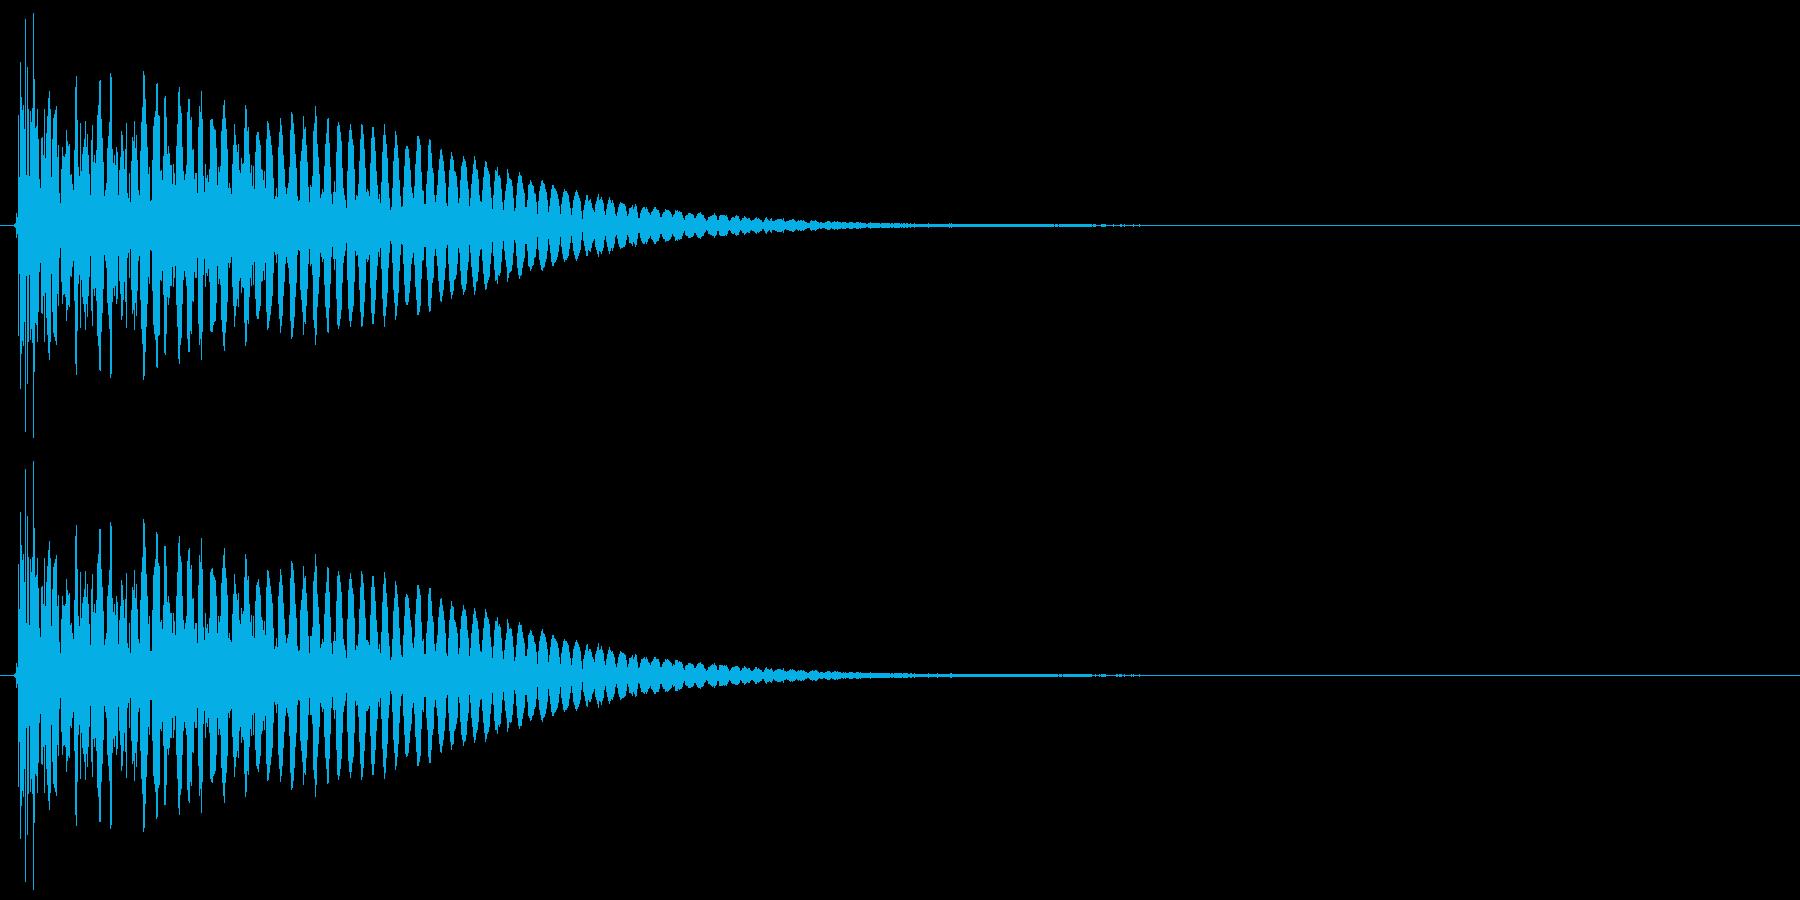 ドシューン、ブシューン 爆発、破裂音の再生済みの波形